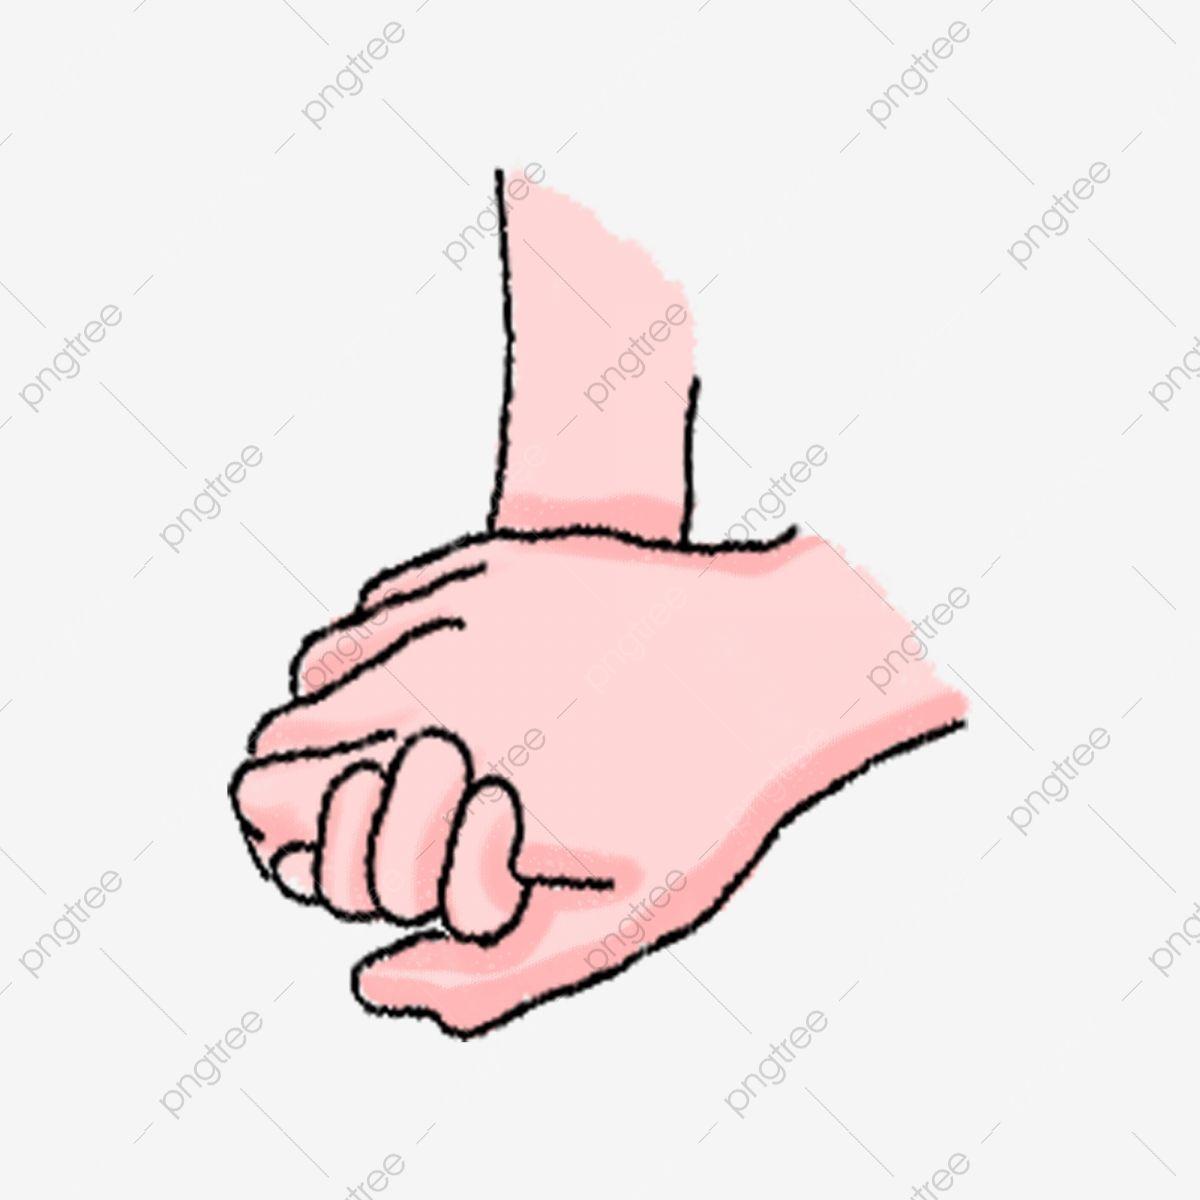 يد تمسك بيد مرسومة باليد التوضيح يدا كليبارت مقبض الجسم Png وملف Psd للتحميل مجانا Couple Holding Hands Hand Painted Hands